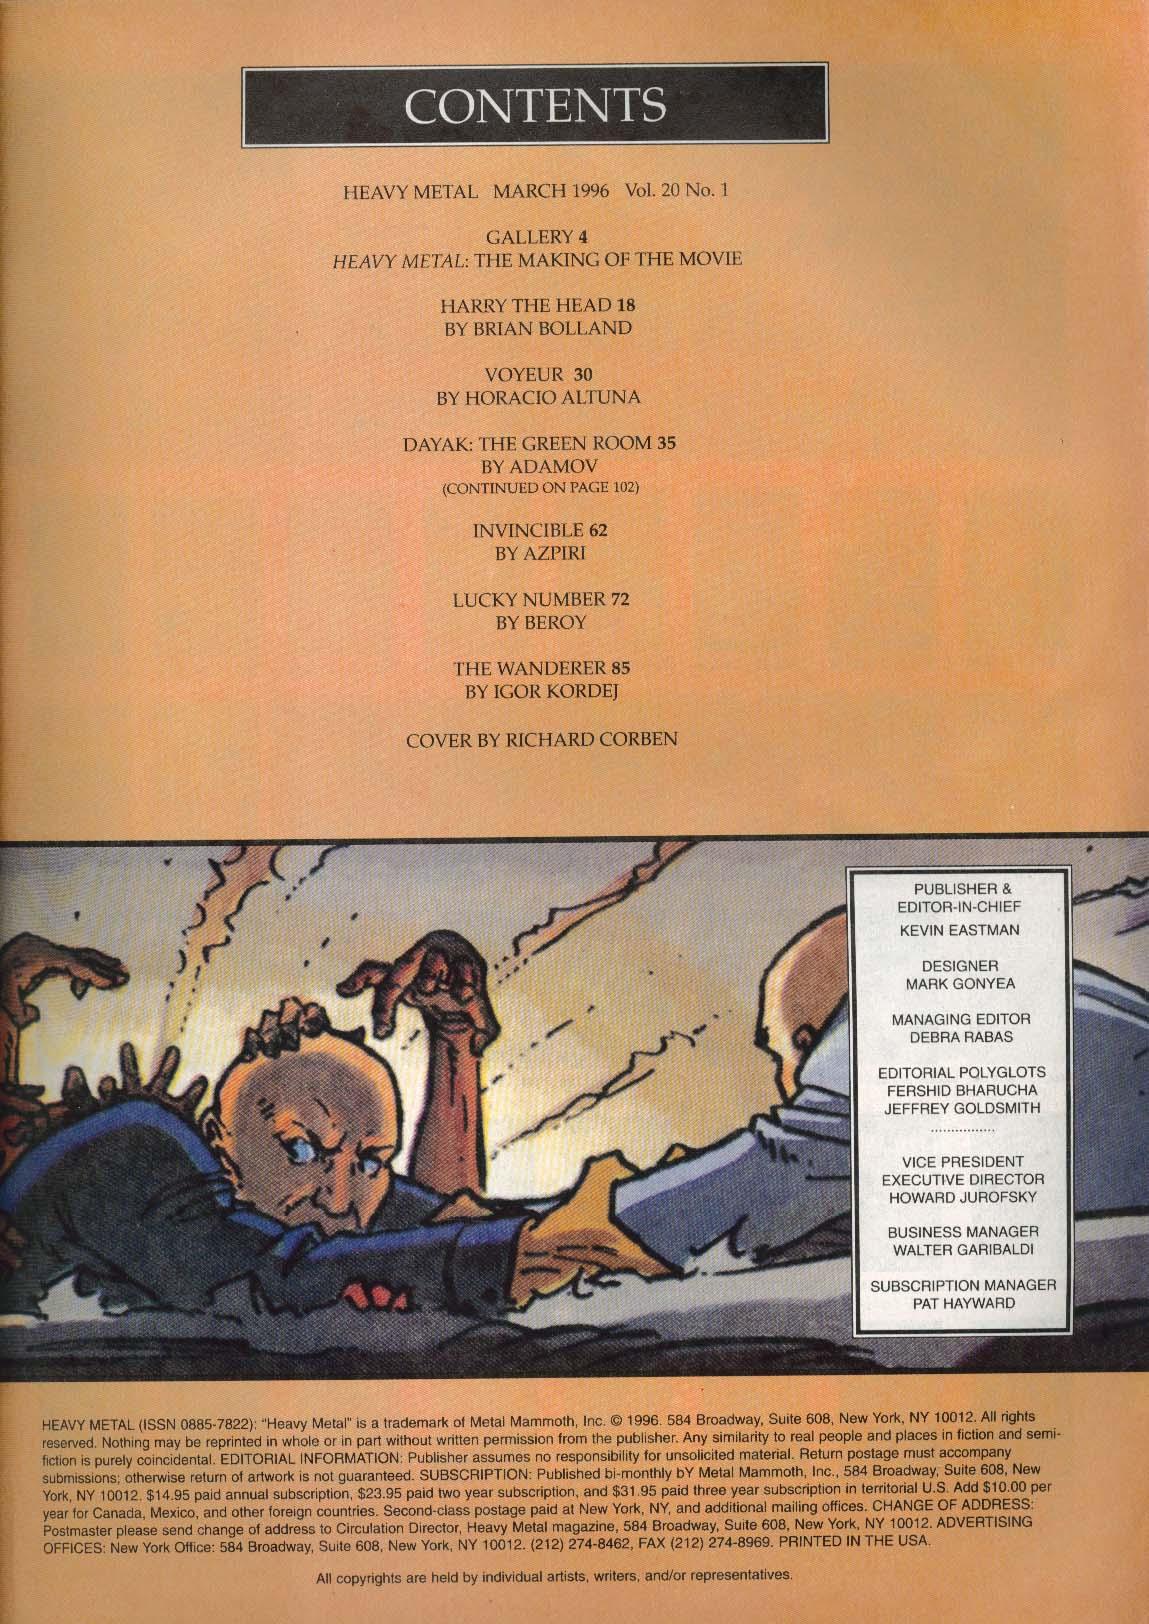 HEAVY METAL Adamov Dayak Richard Corben Azpiri Horatio Altuna Igor Kordej 3 1996